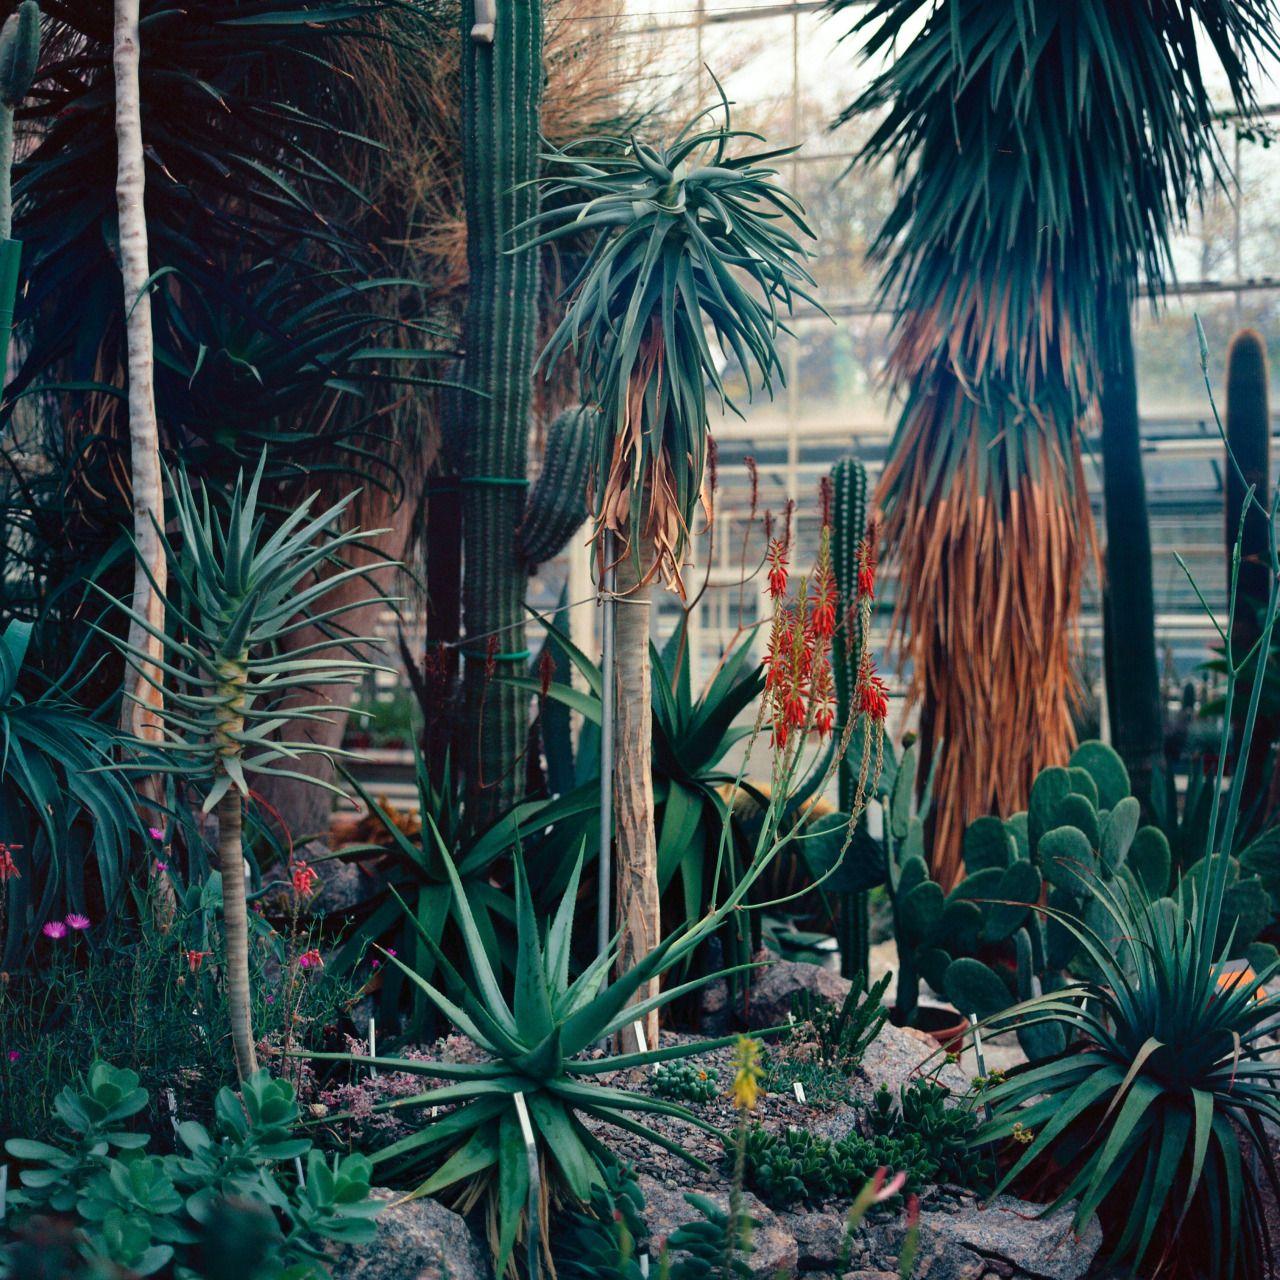 Botanischer Garten, Zürich, Nov '13 ©Maxim Leurentop